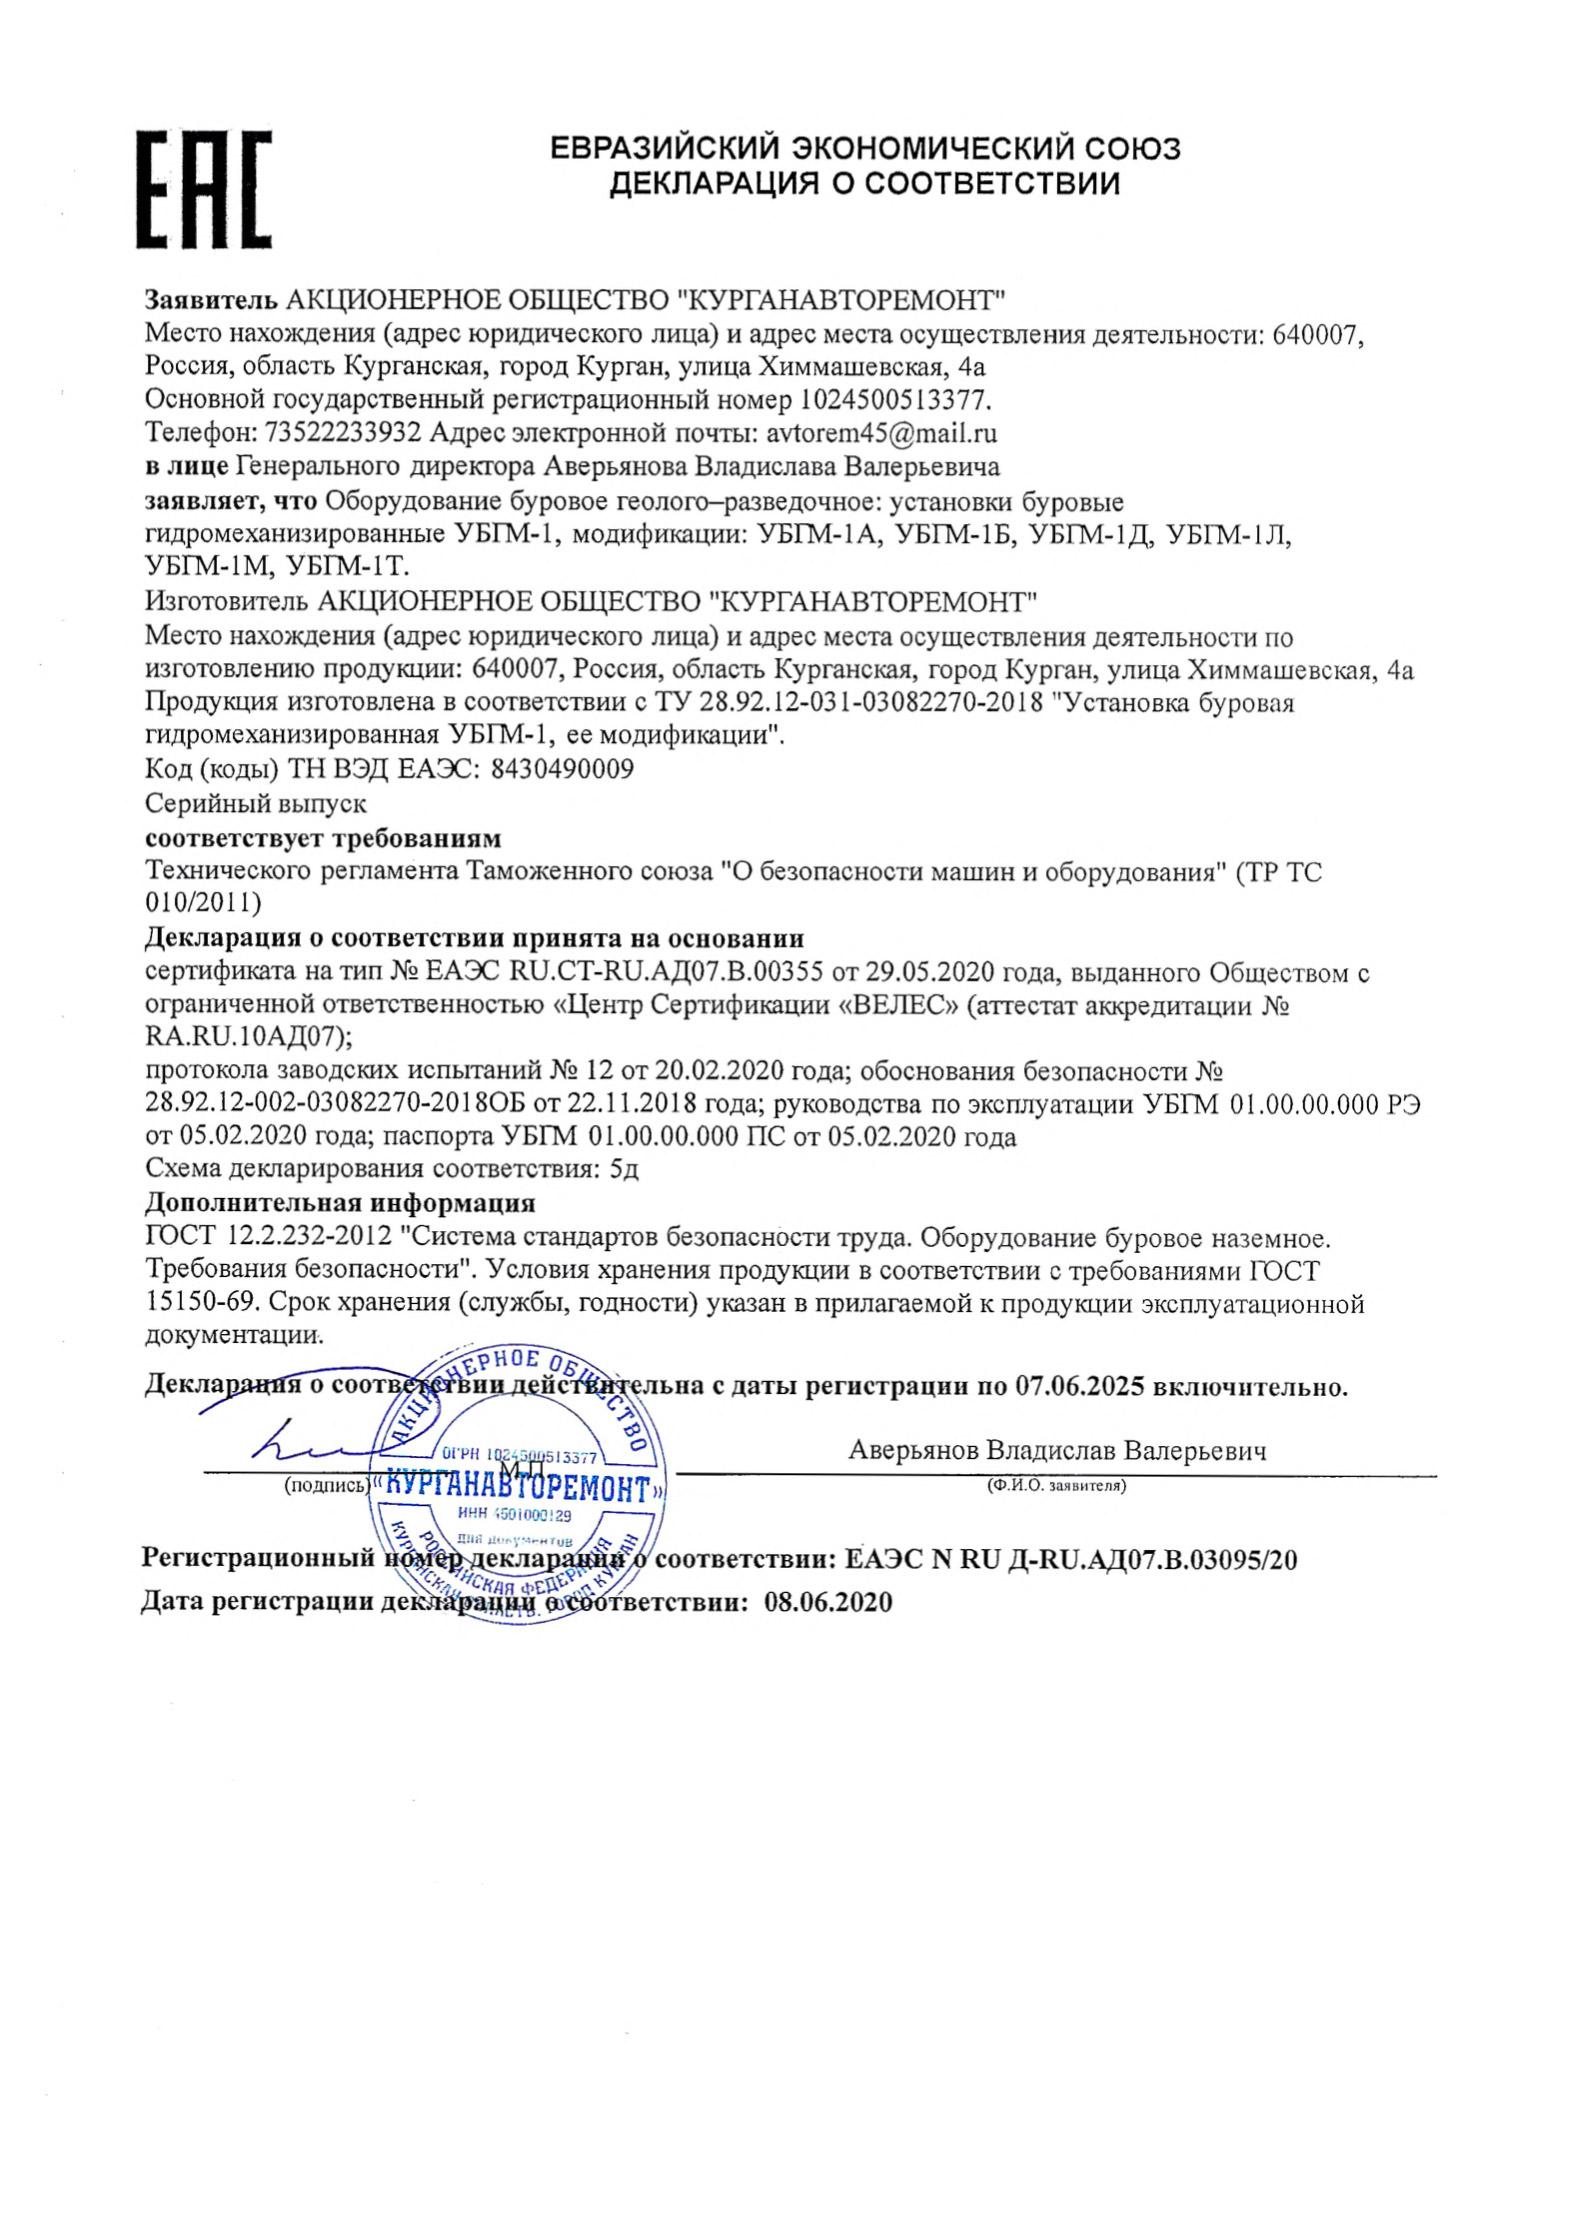 Сертификат Установка буровая гидромеханизированная УБГМ-1М